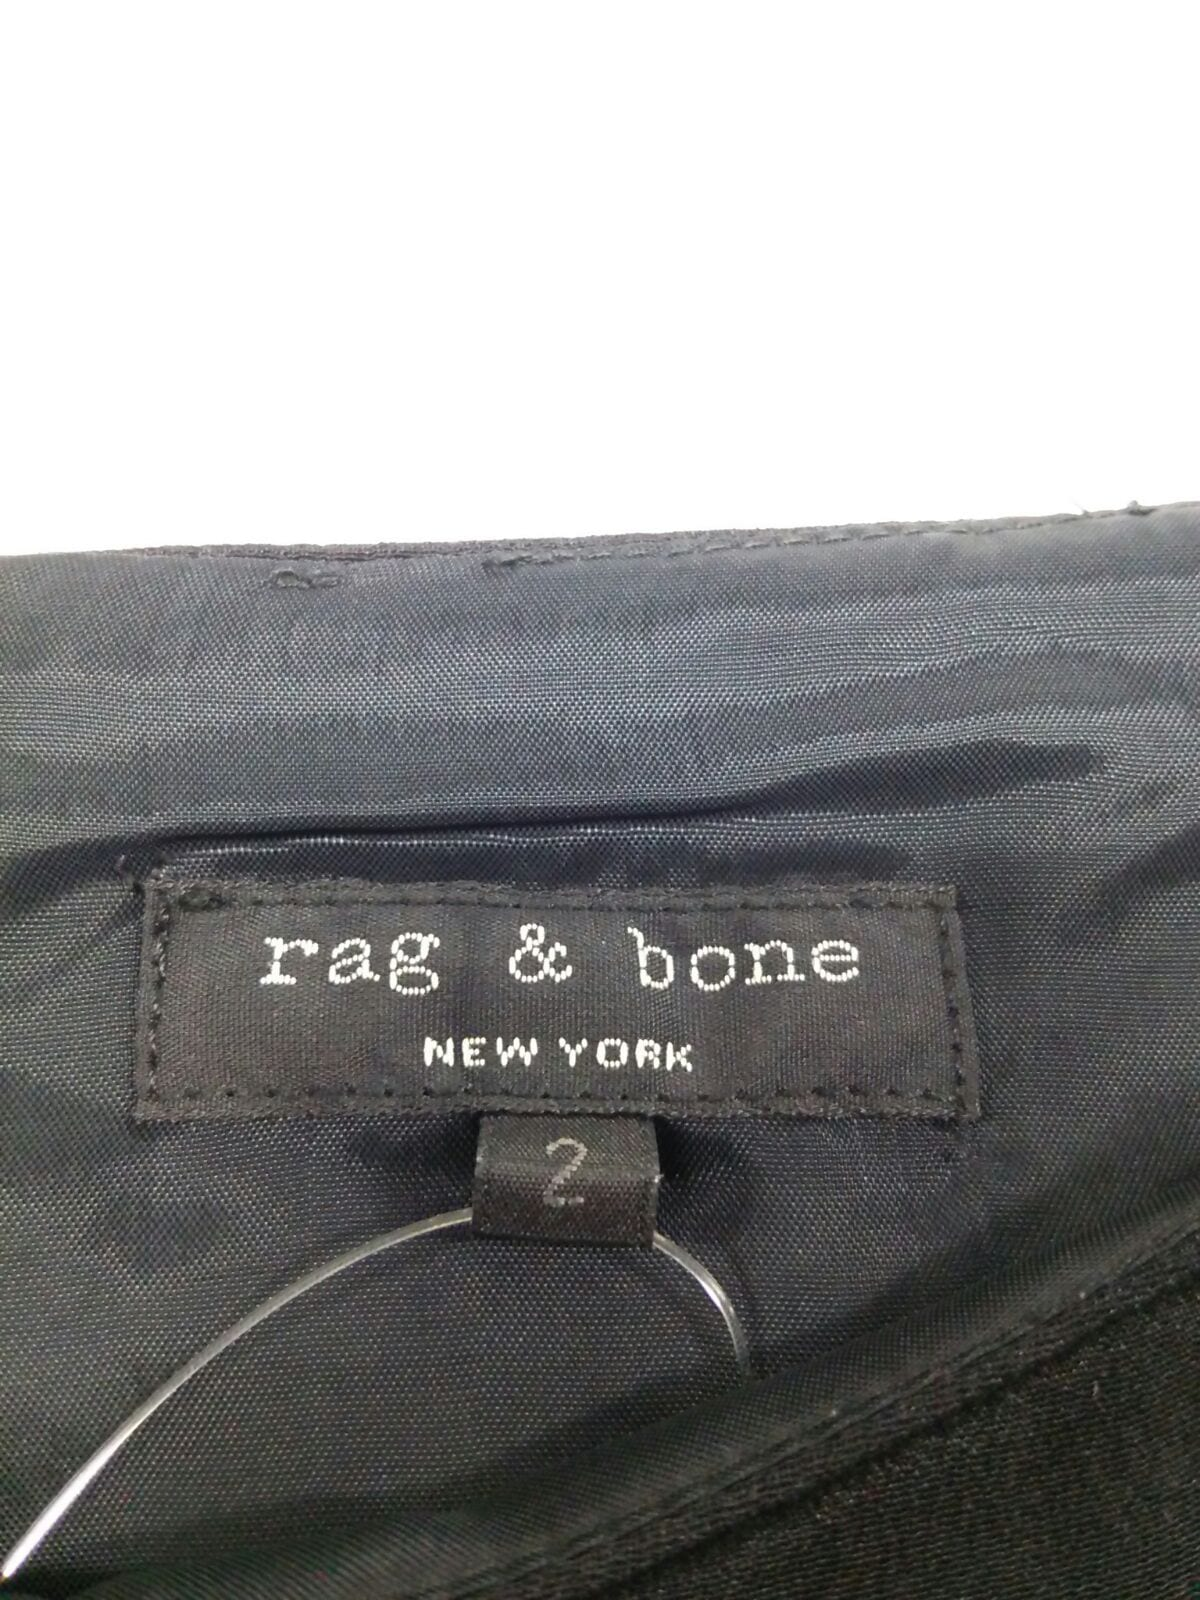 rag&bone(ラグアンドボーン)のオールインワン